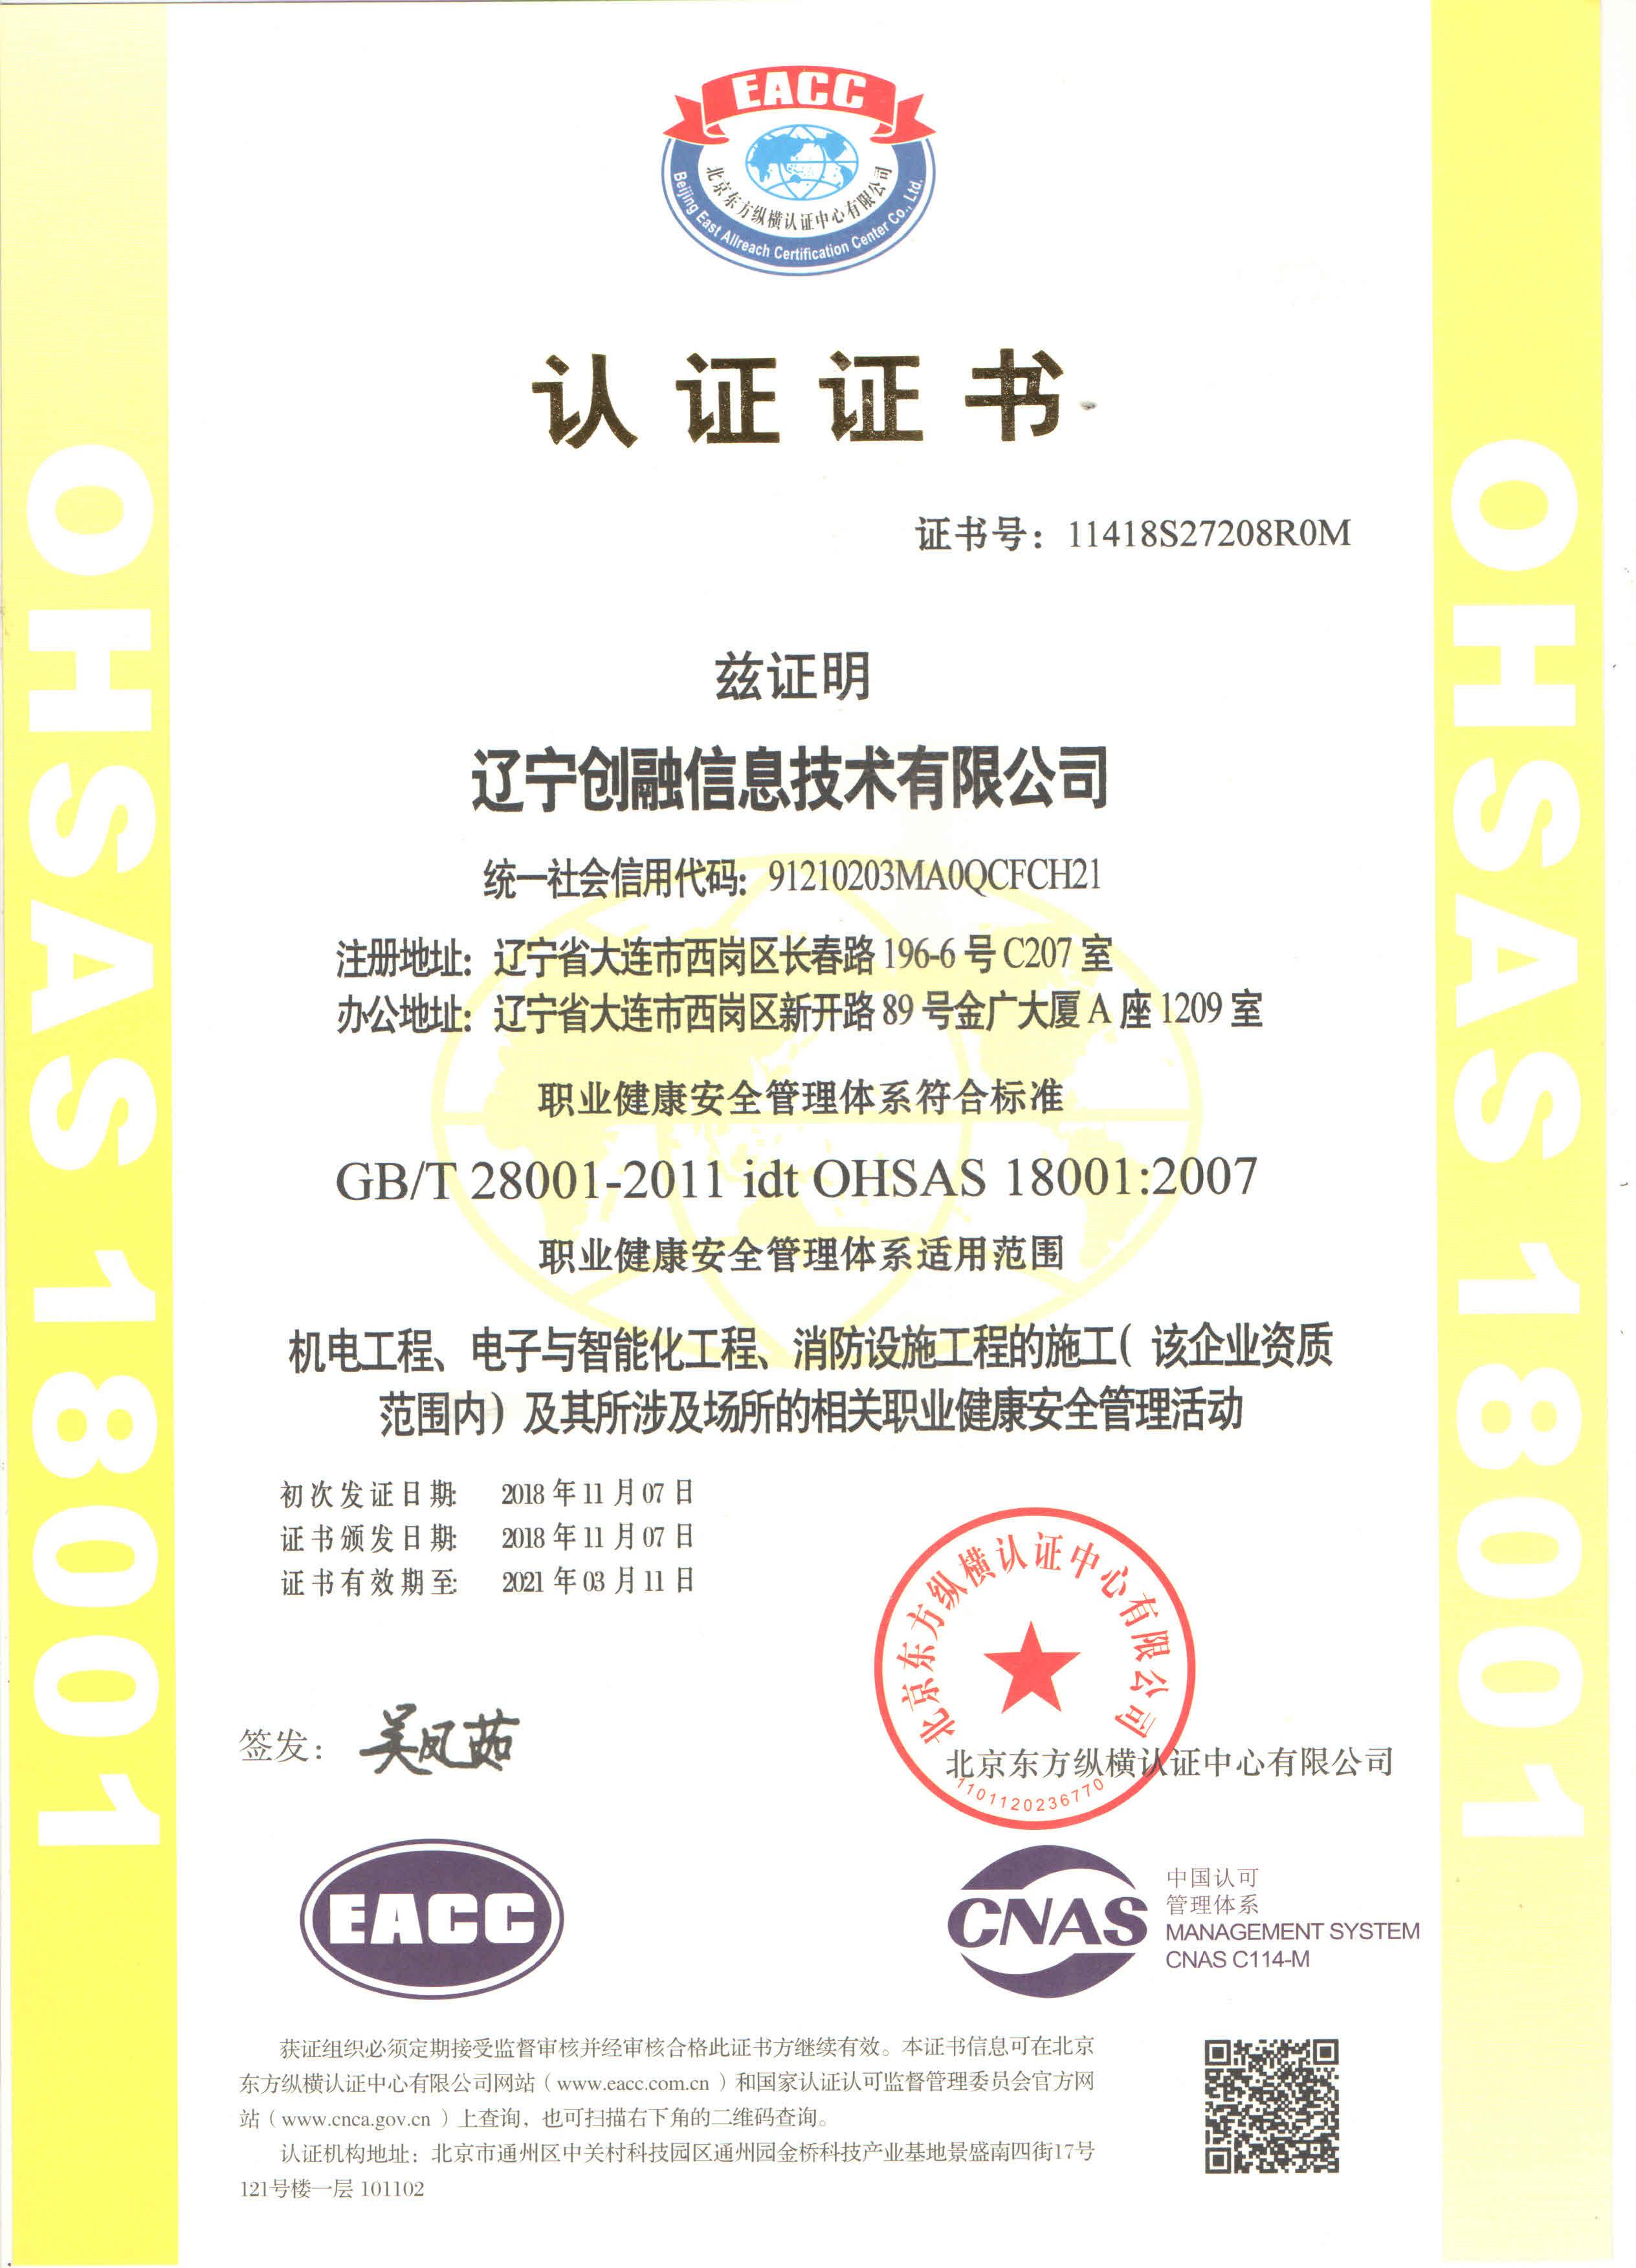 職業健康安全管理體系認證